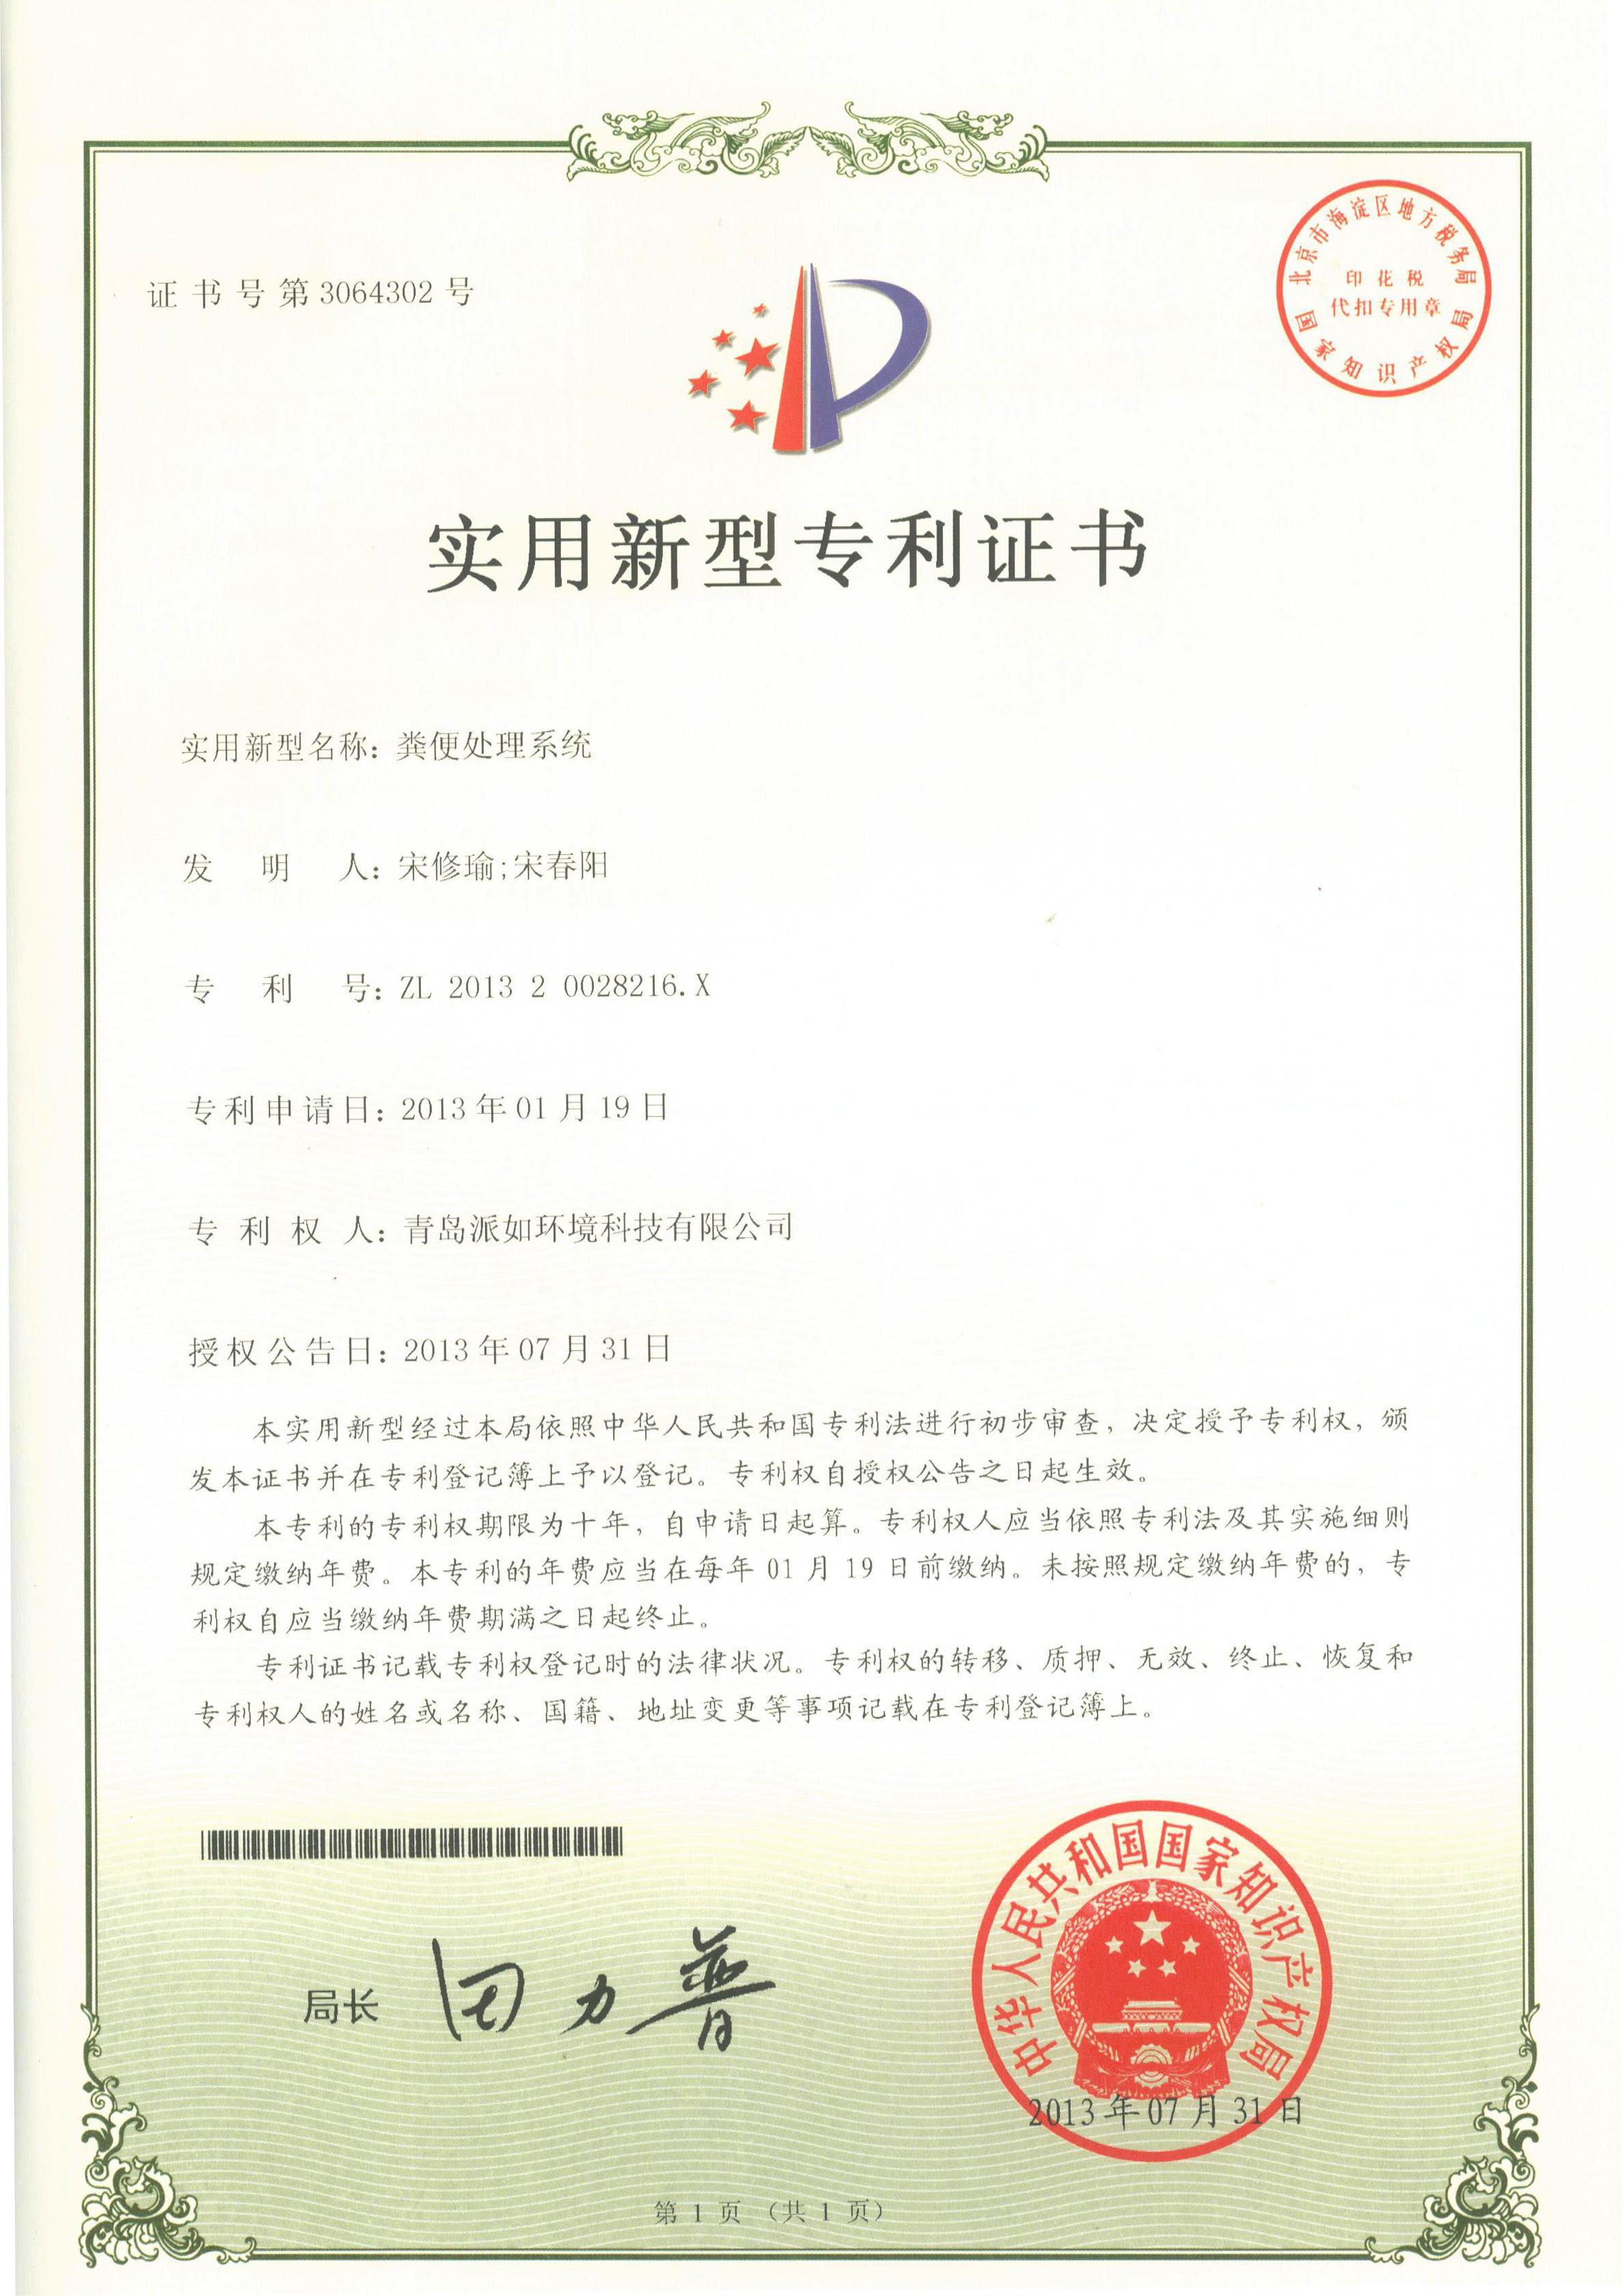 粪便处理系统专利